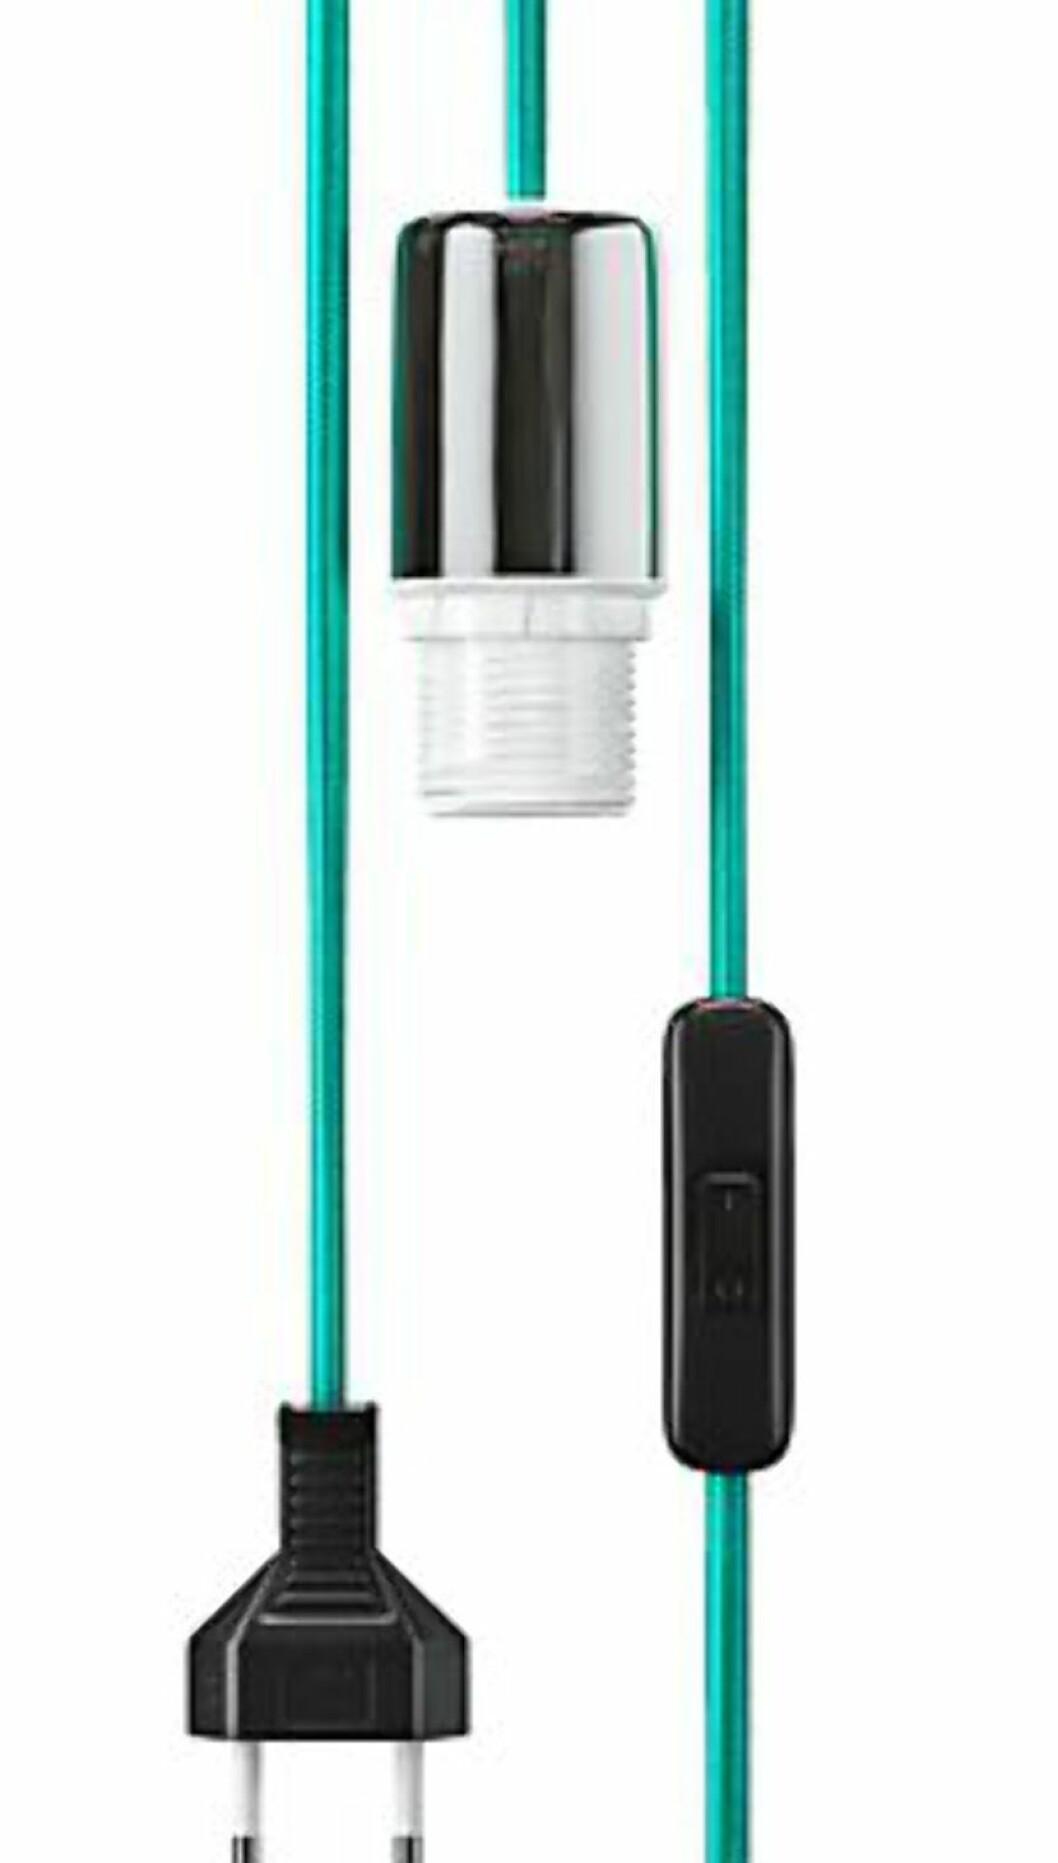 <strong><b>FARGERIK LAMPELEDNING:</strong></b> Dette er en av mange varianter med strofftrukket lampeledninger som finnes på markedet. Colours fra North Light. Koster 69 kroner hos Clas Ohlson. Foto: CLAS OHLSON